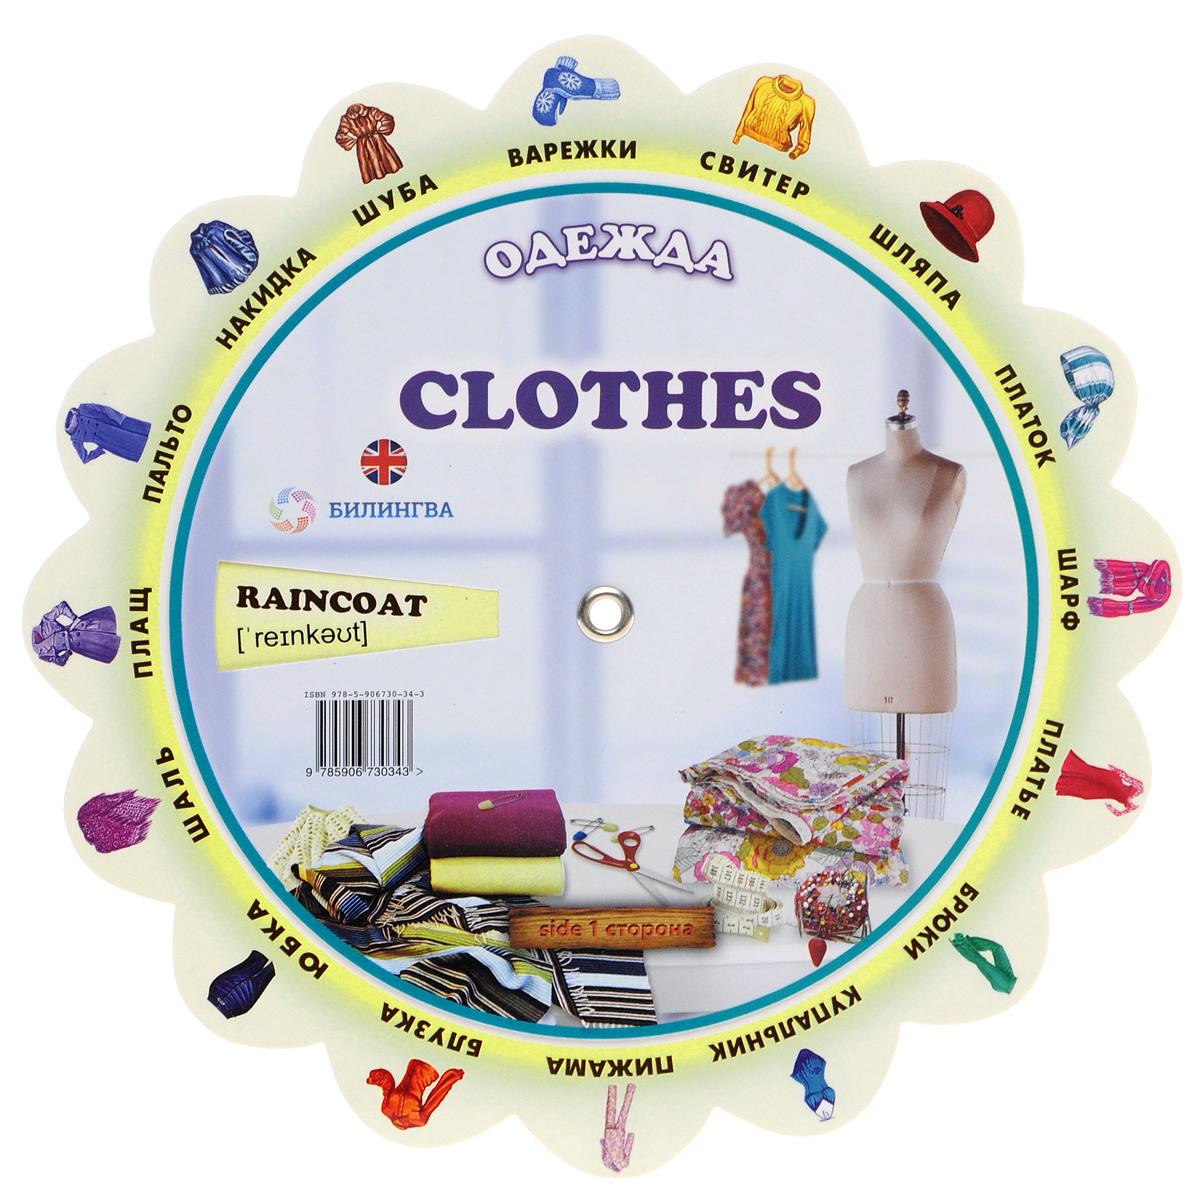 Clothes / Одежда. Тематический словарь ( 978-5-906730-34-3 )